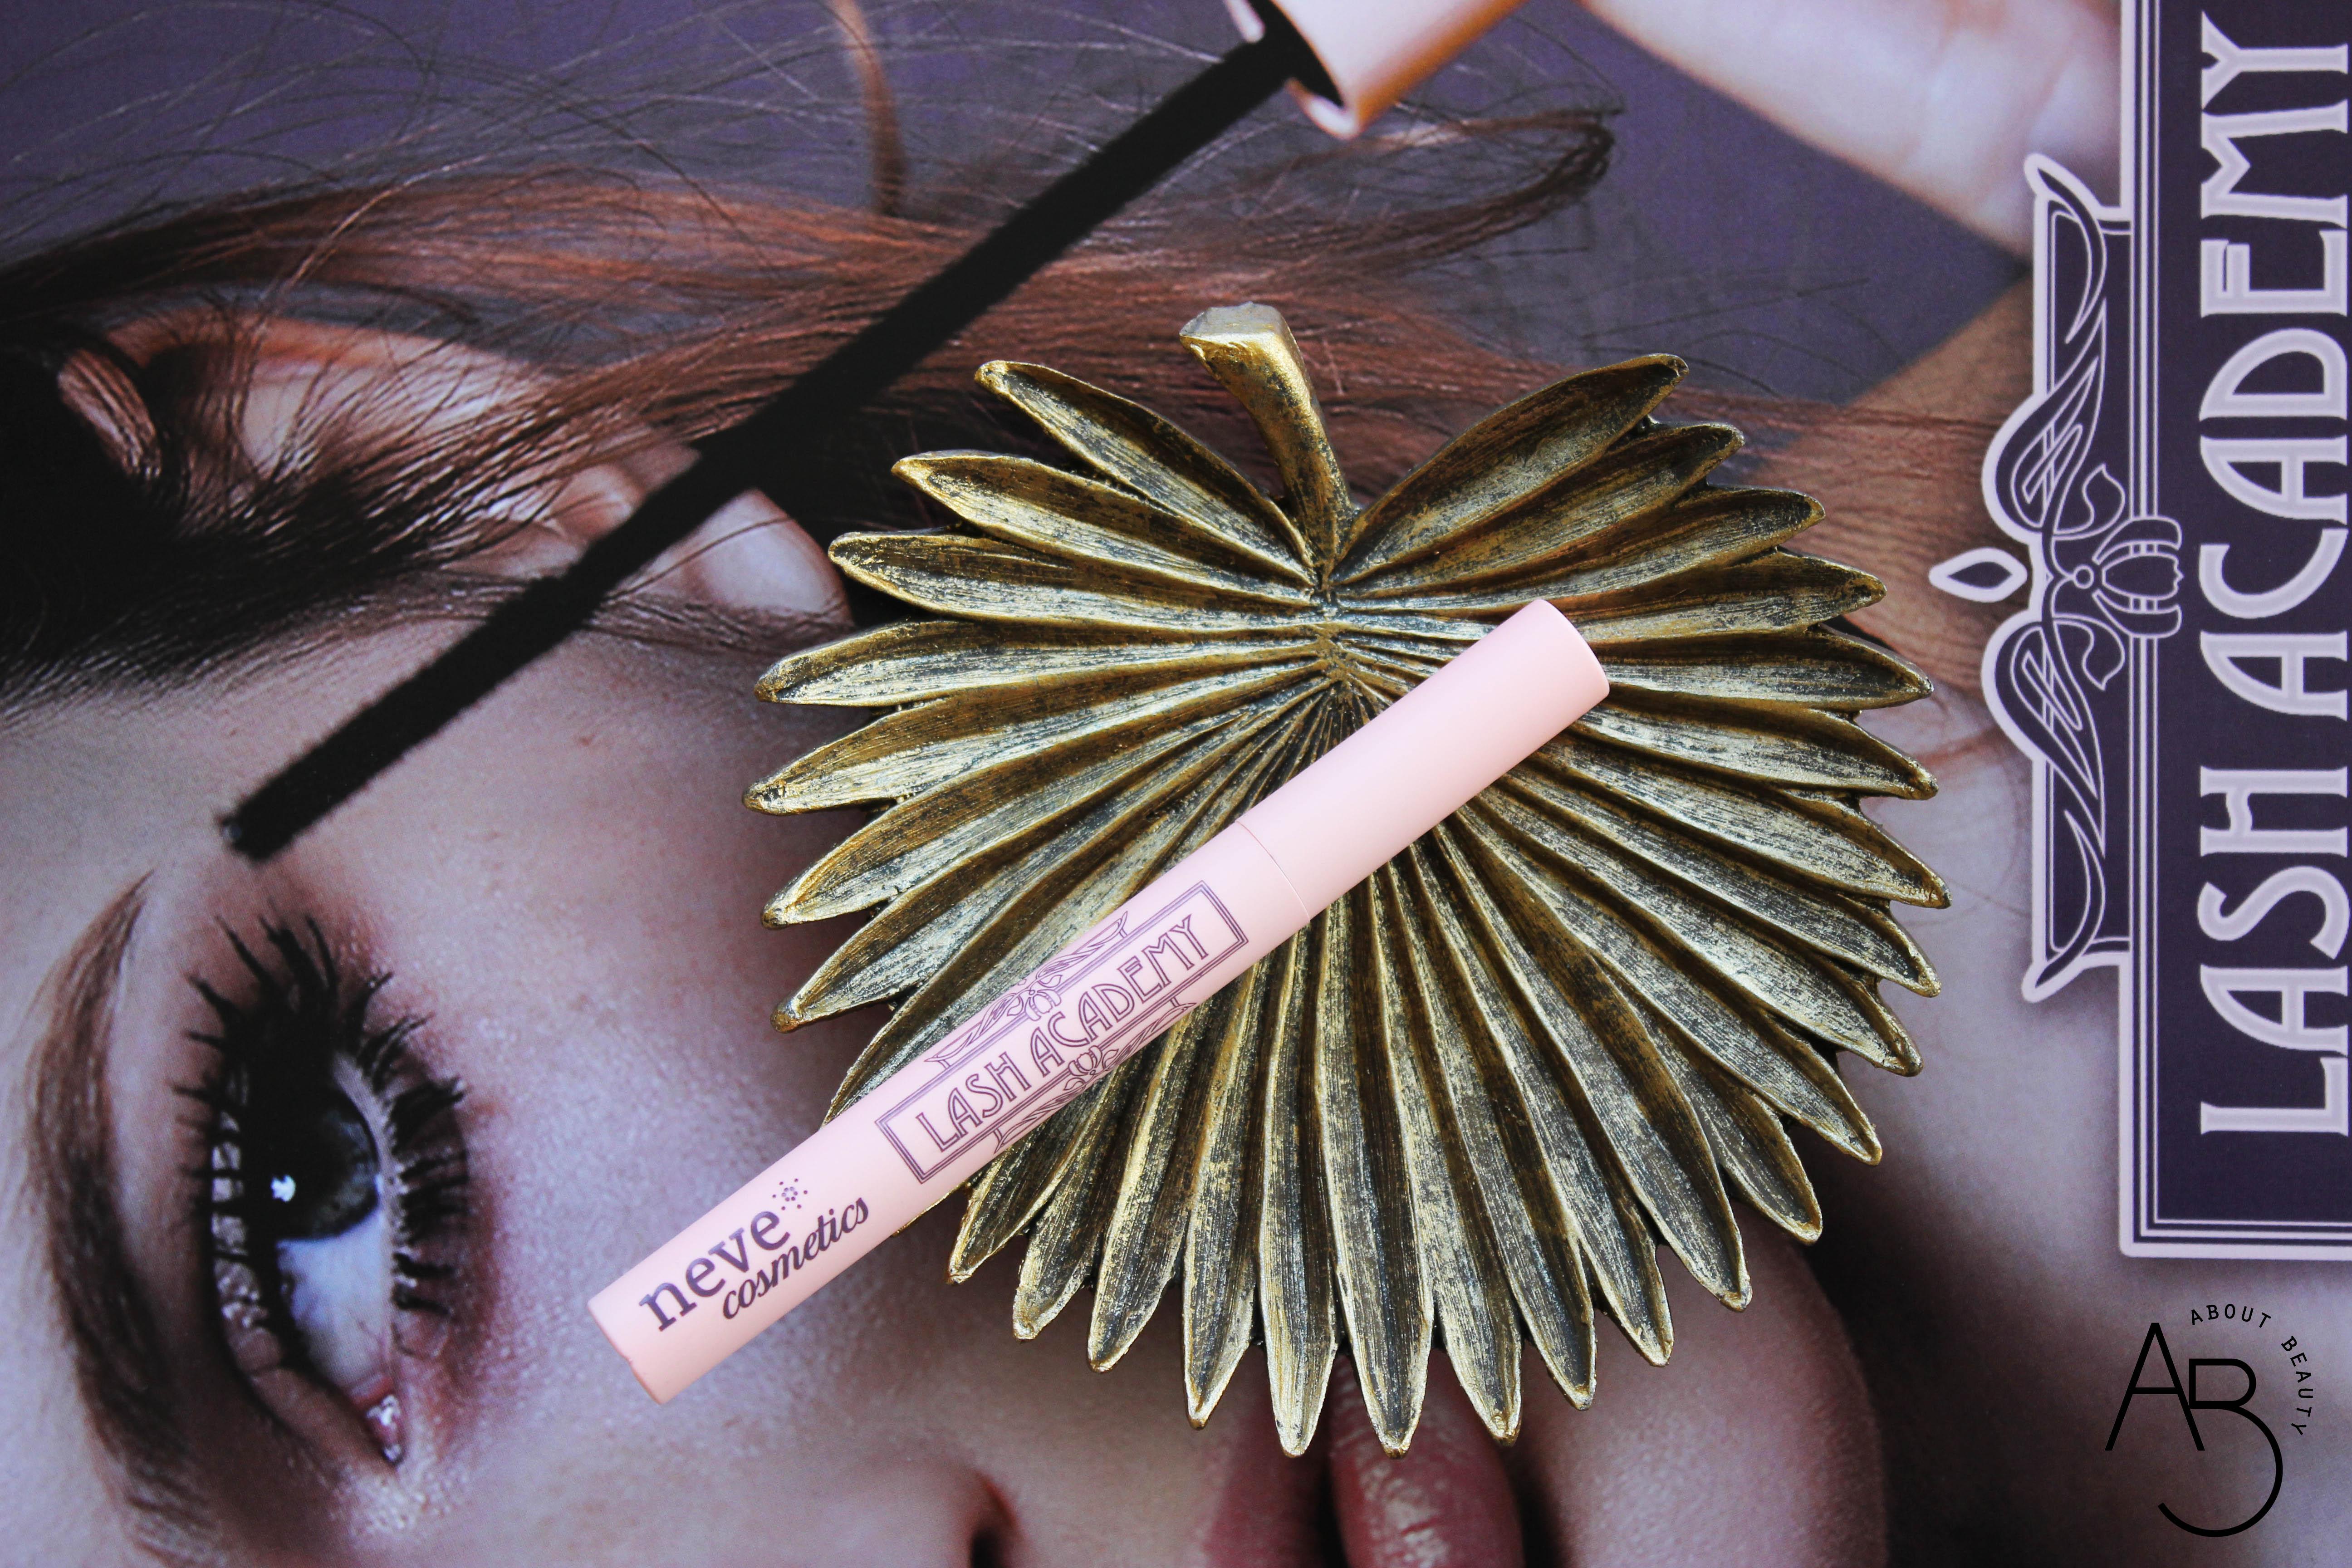 Neve Cosmetics Lash Academy Mascara volumizzante - Review, recensione, info, prezzo, sconto, dove acquistare, INCI, packaging